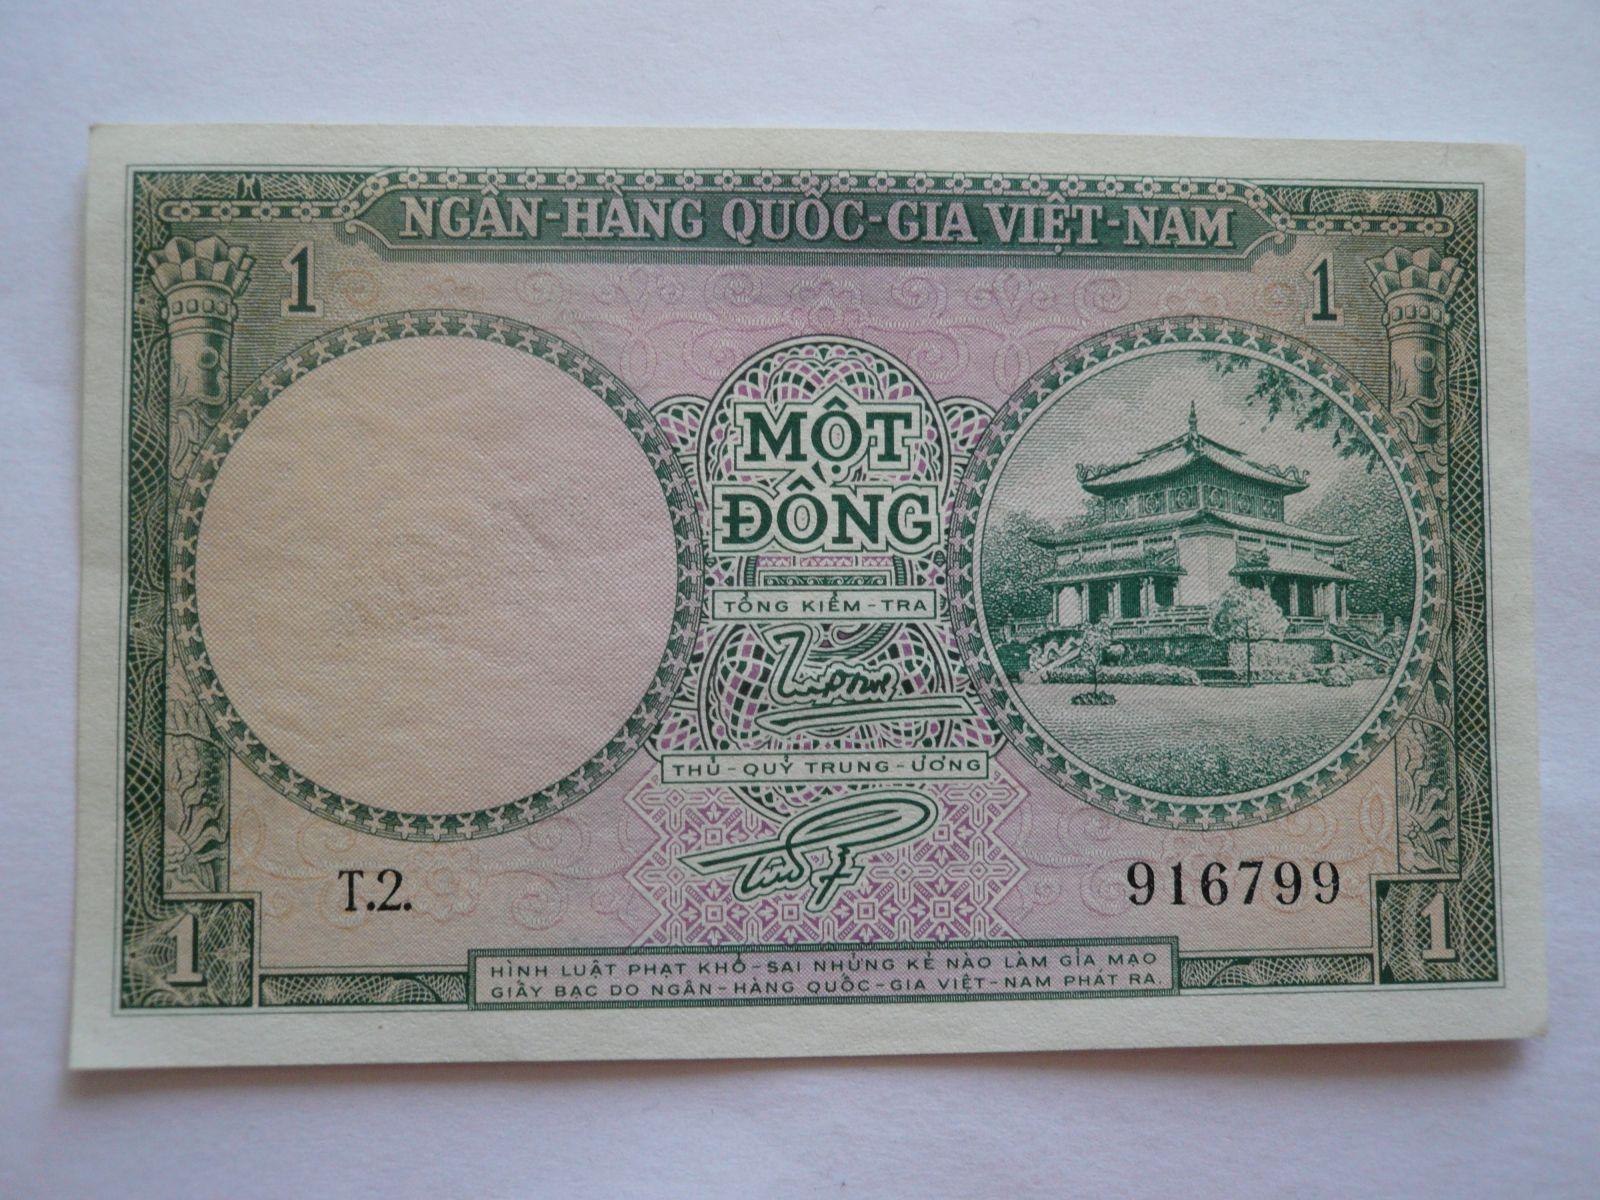 1 Dong, zelená, Vietnam